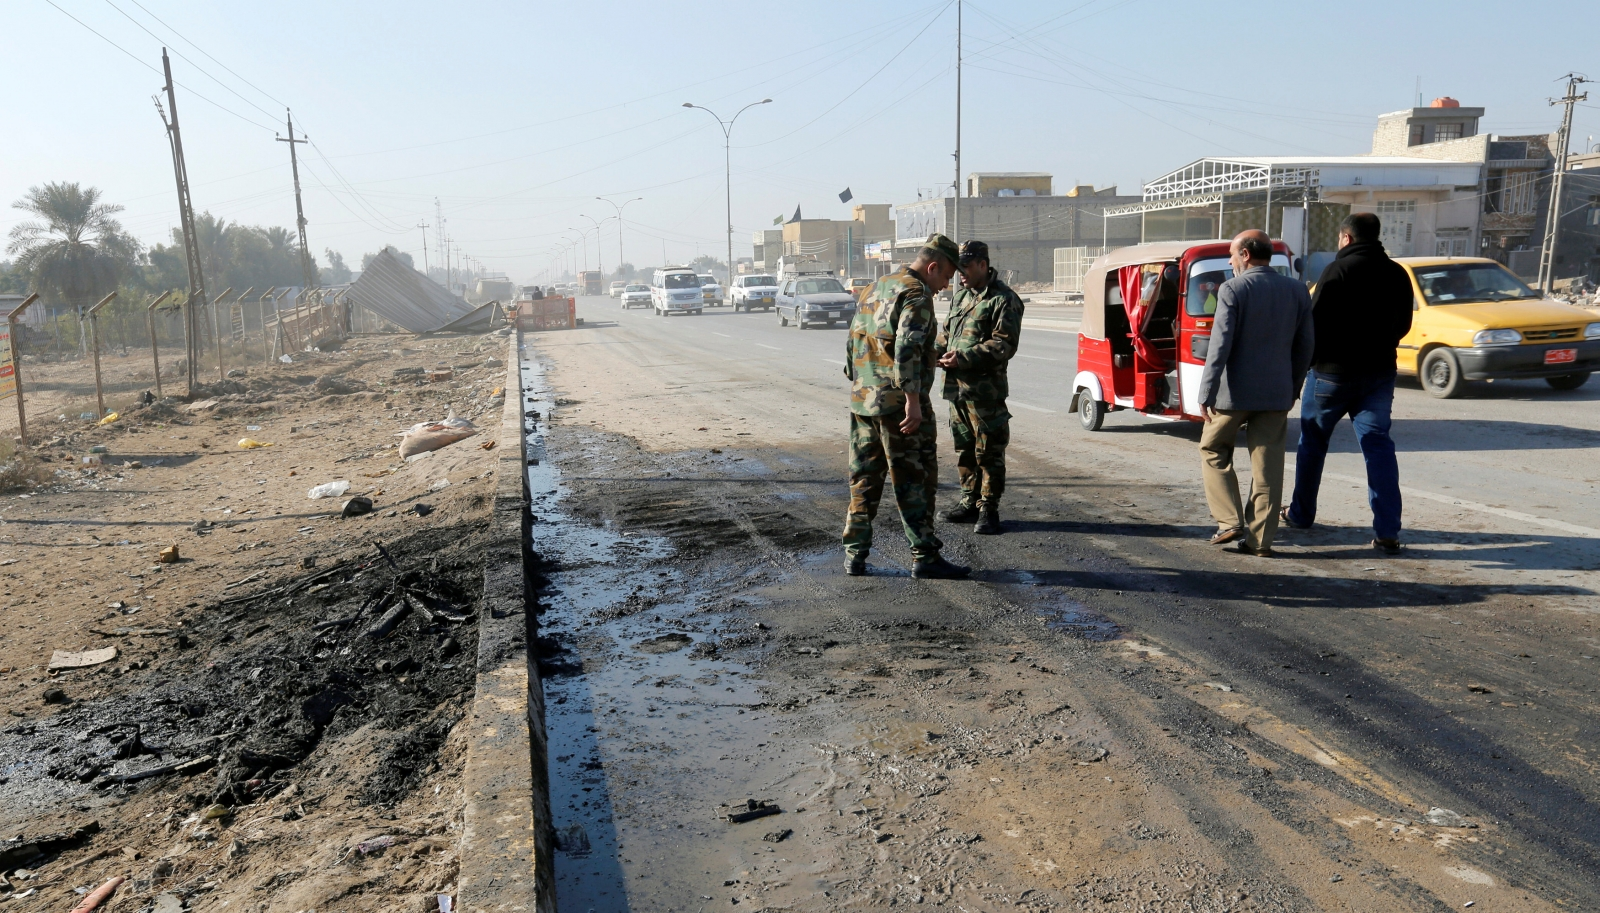 al-Obaidi, Iraq